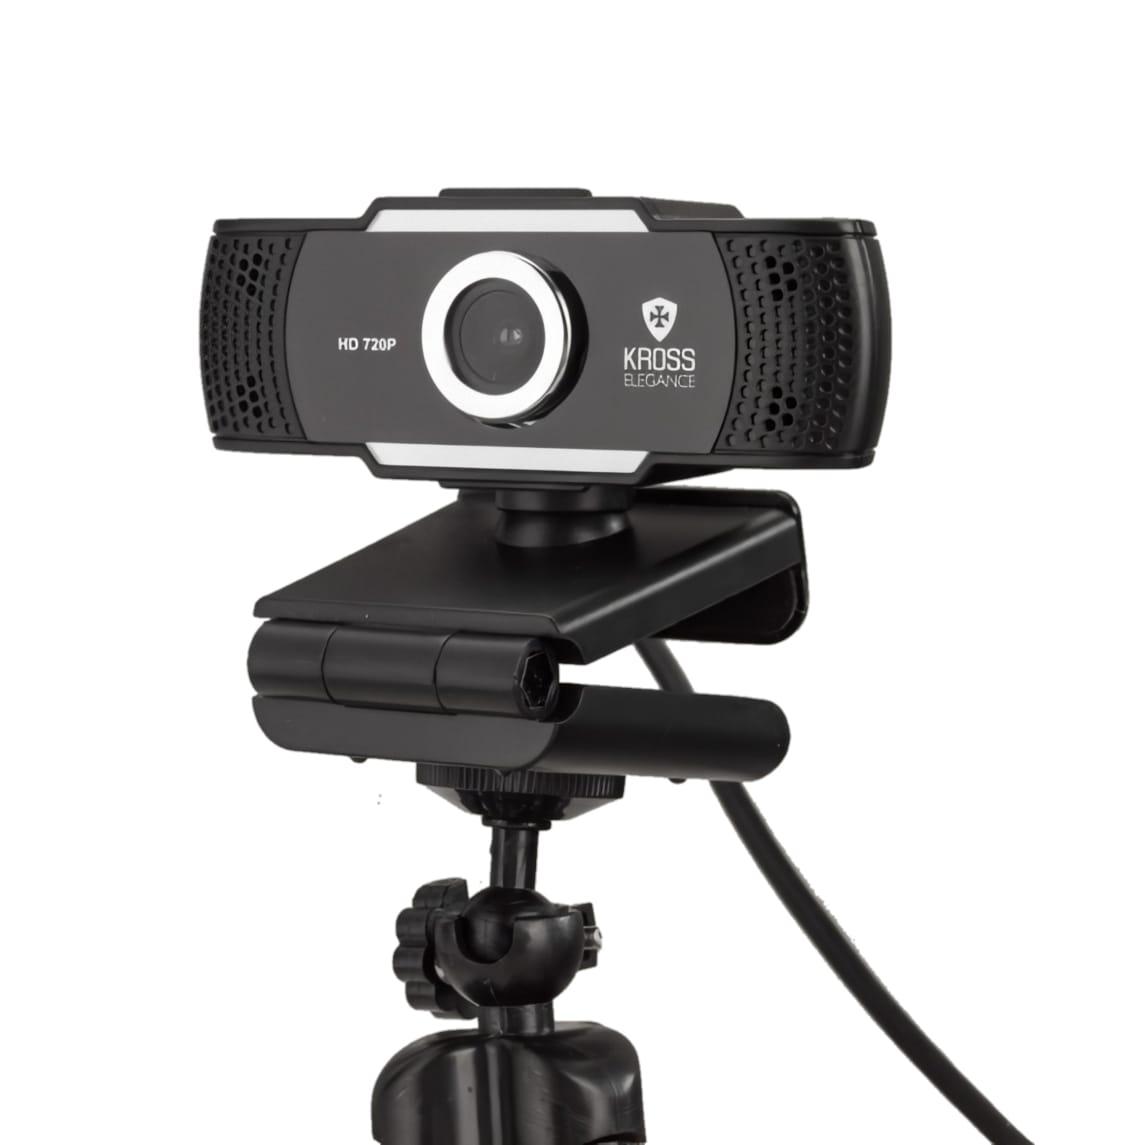 Webcam Hd 720p Ke-wbm720p Kross Elegance - 3090